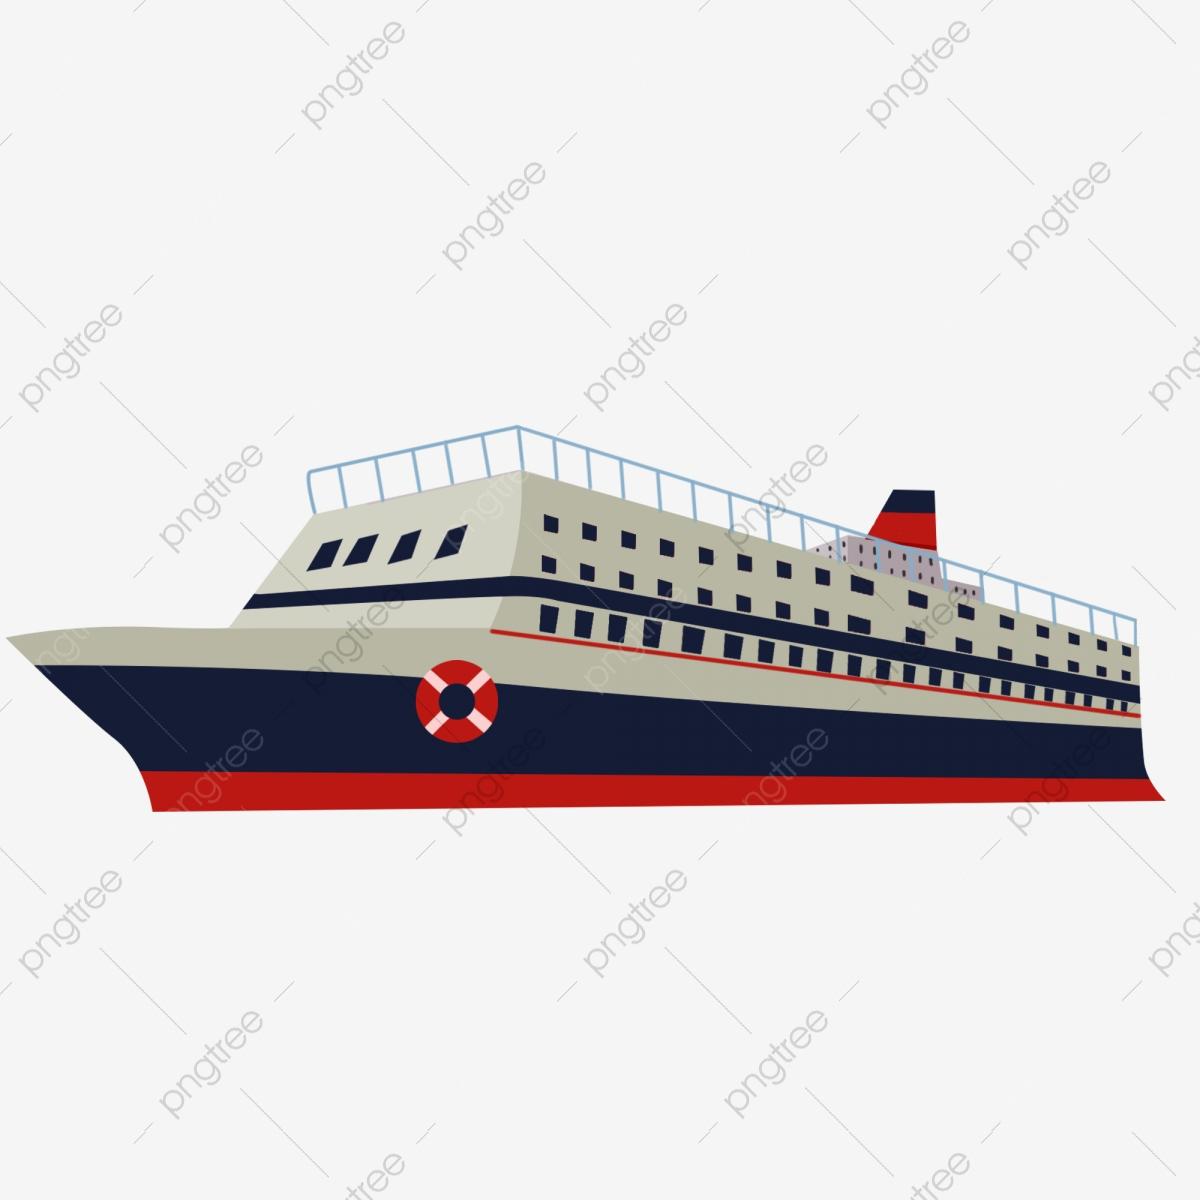 Transport Paquebot Nautique Yacht Yacht, Nautique, Yacht dedans Paquebot Dessin